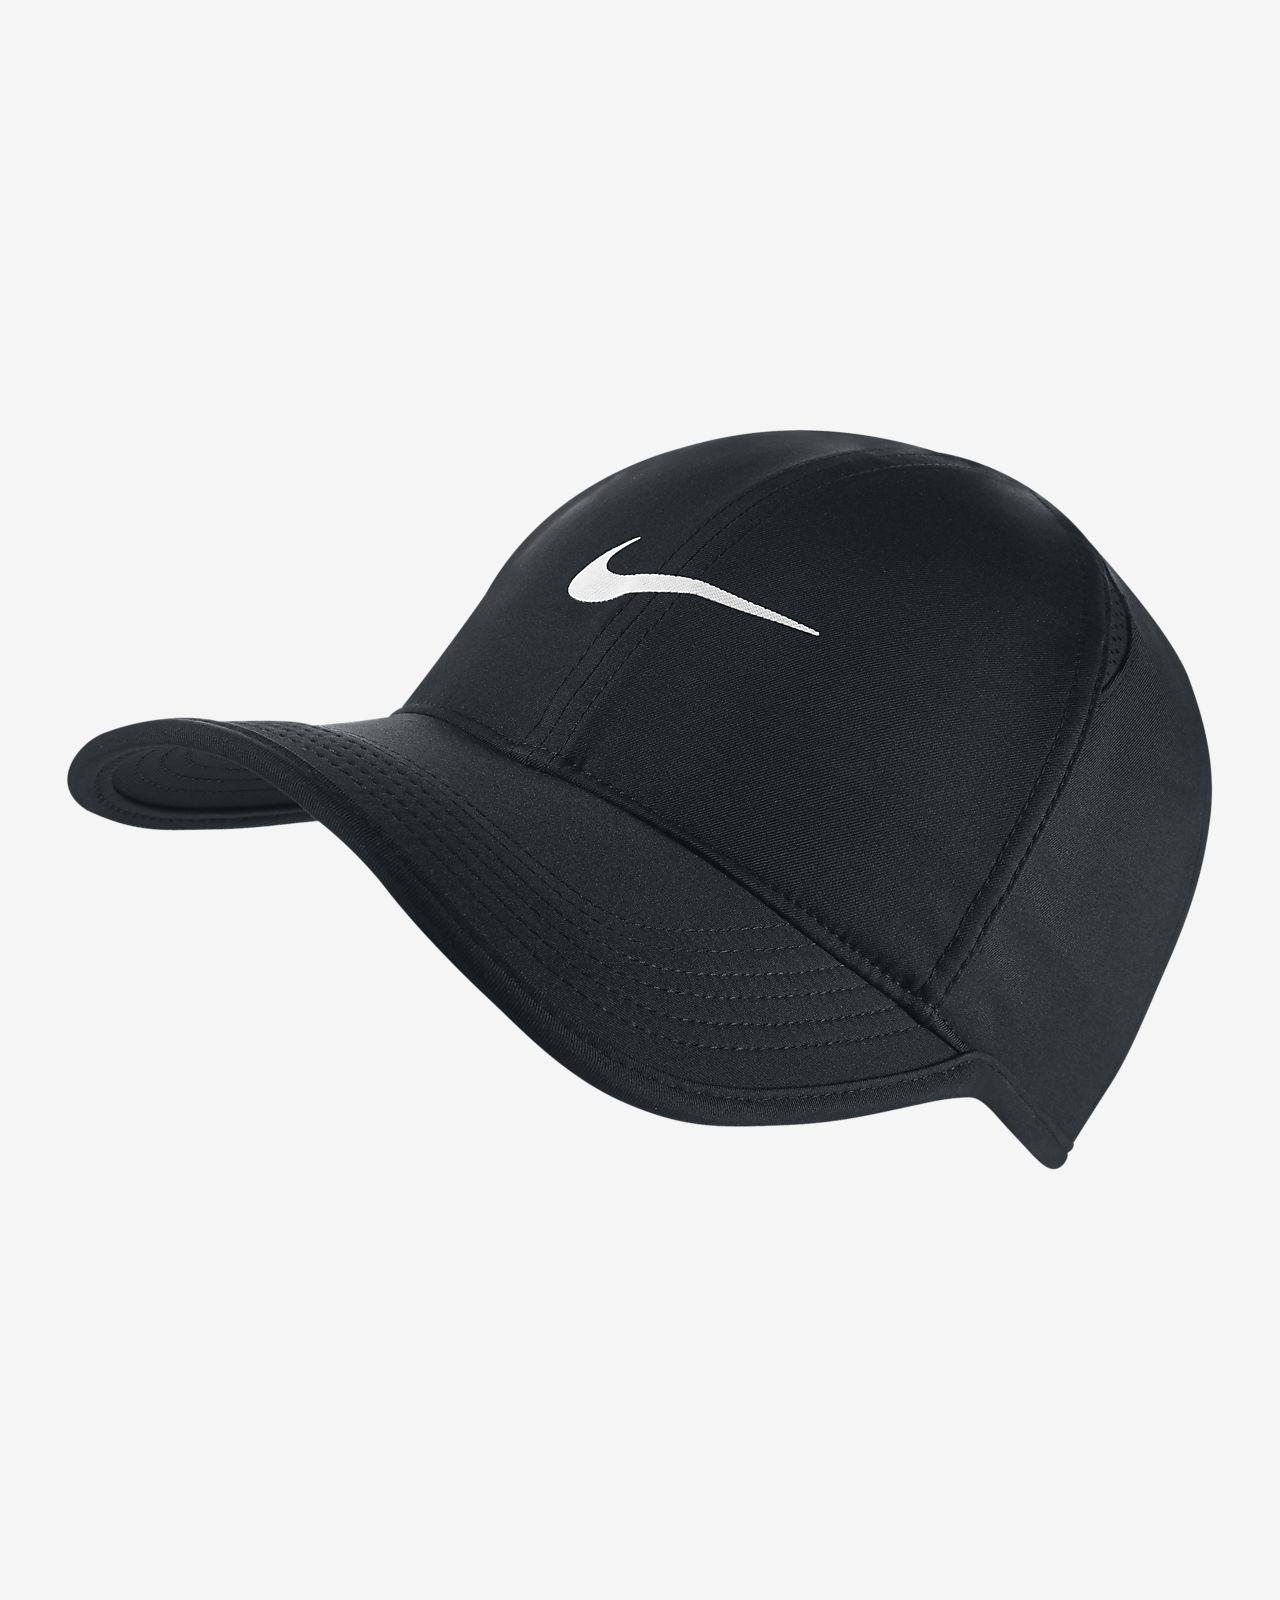 Casquette de tennis NikeCourt Aerobill Featherlight